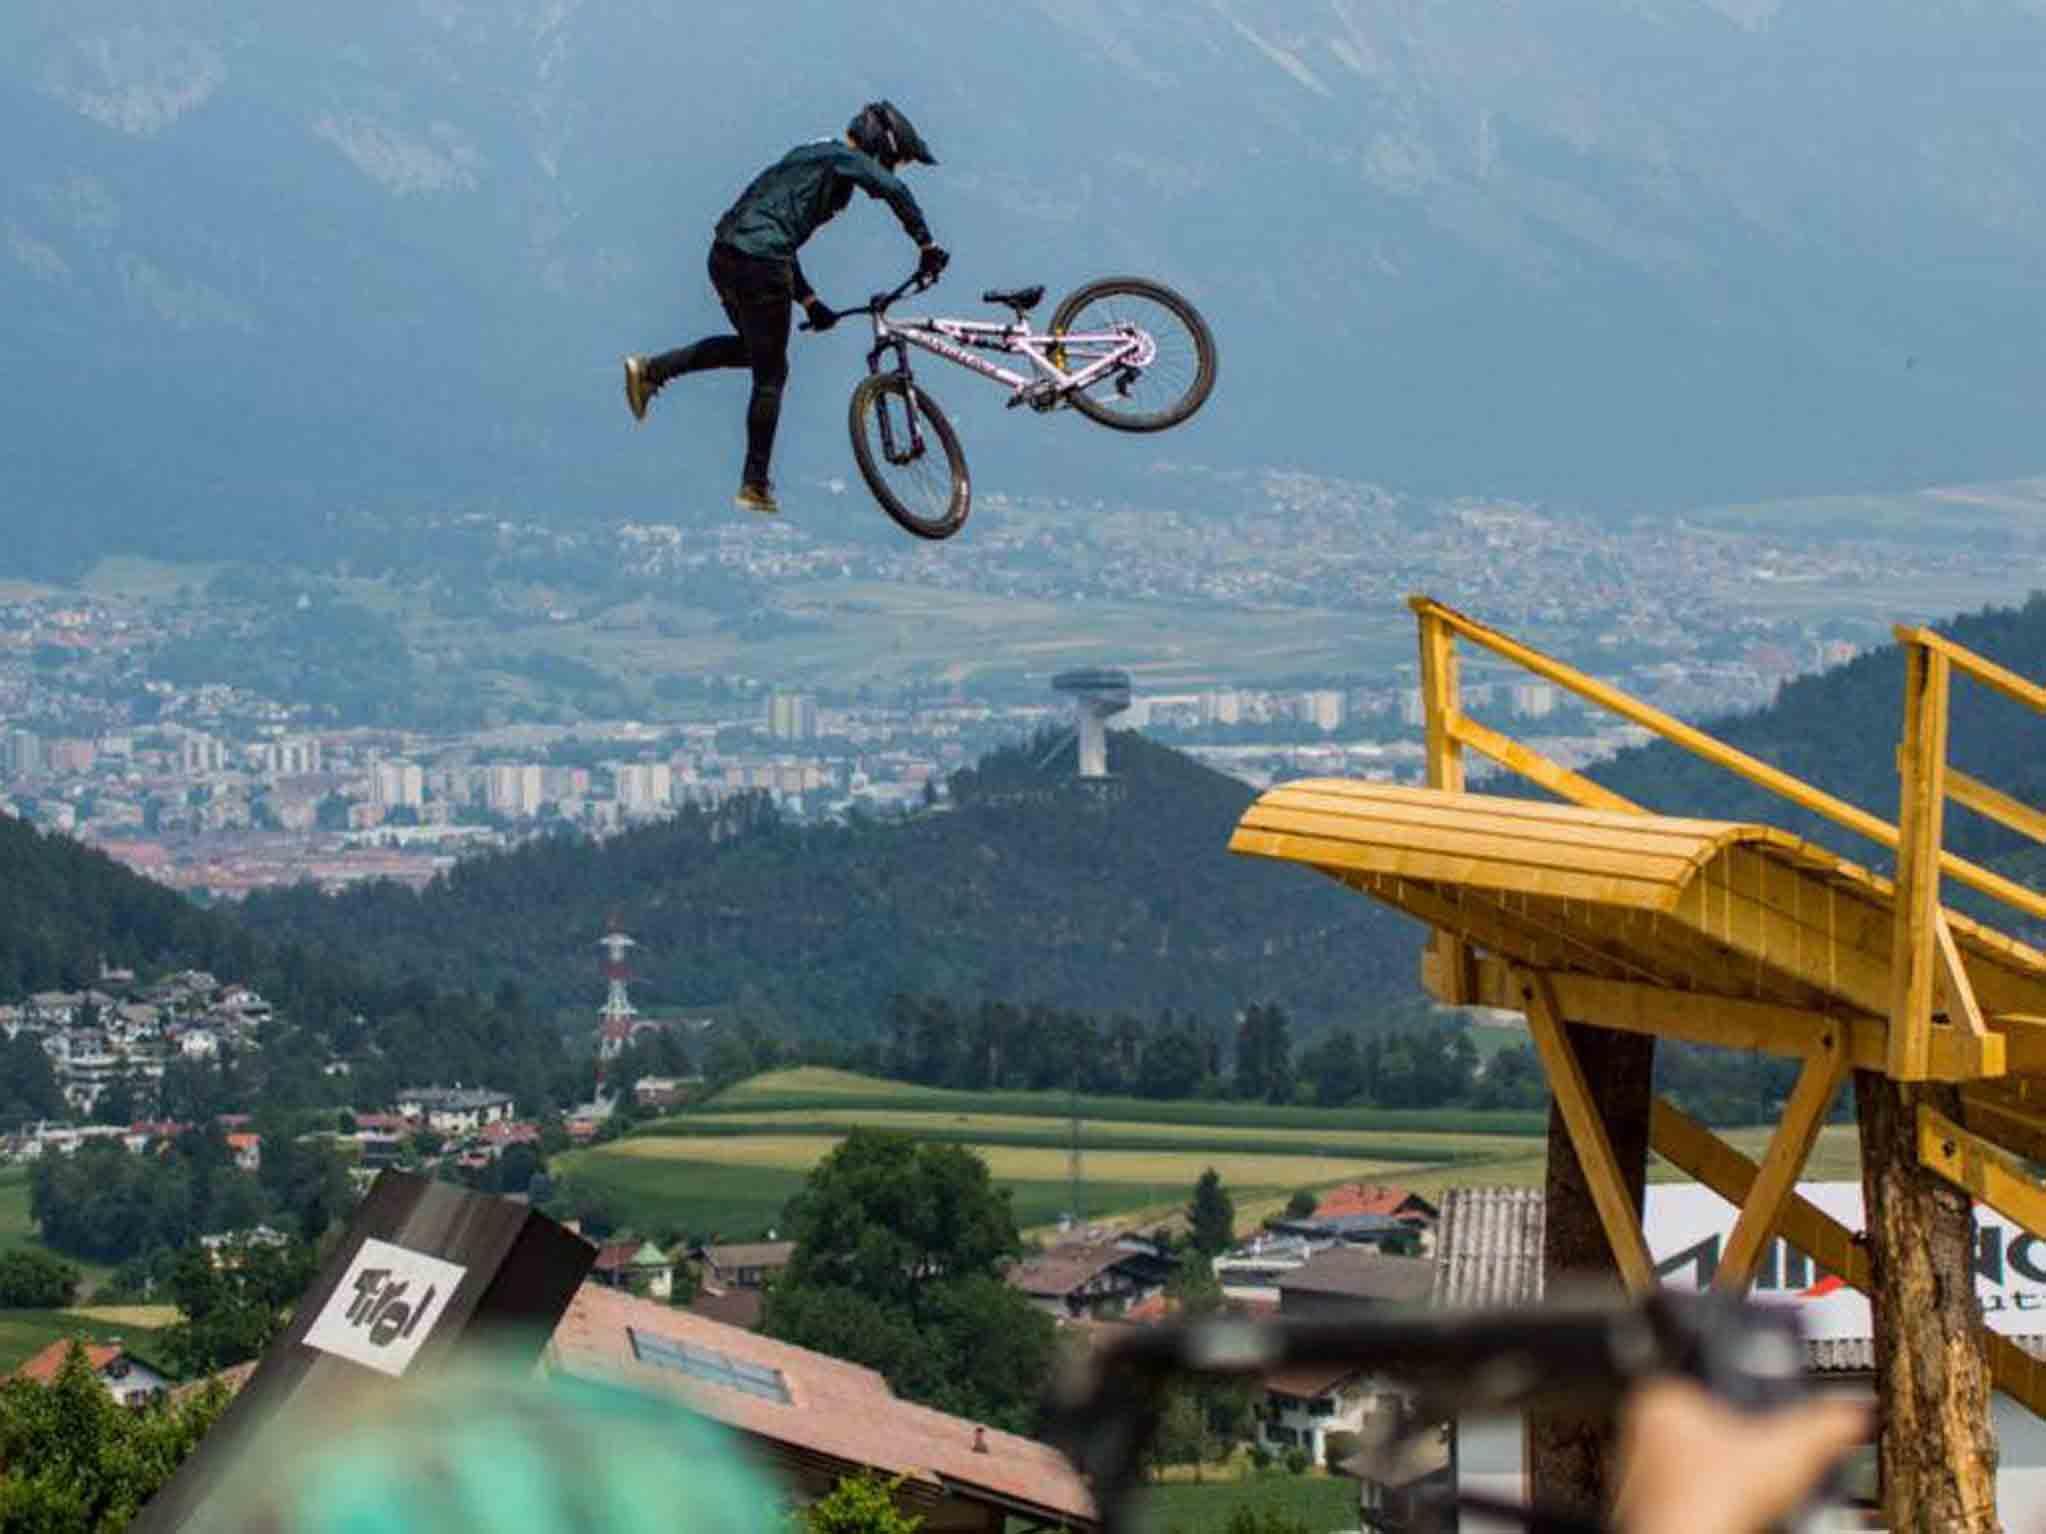 Crankworx Innsbruck: Slopestyle